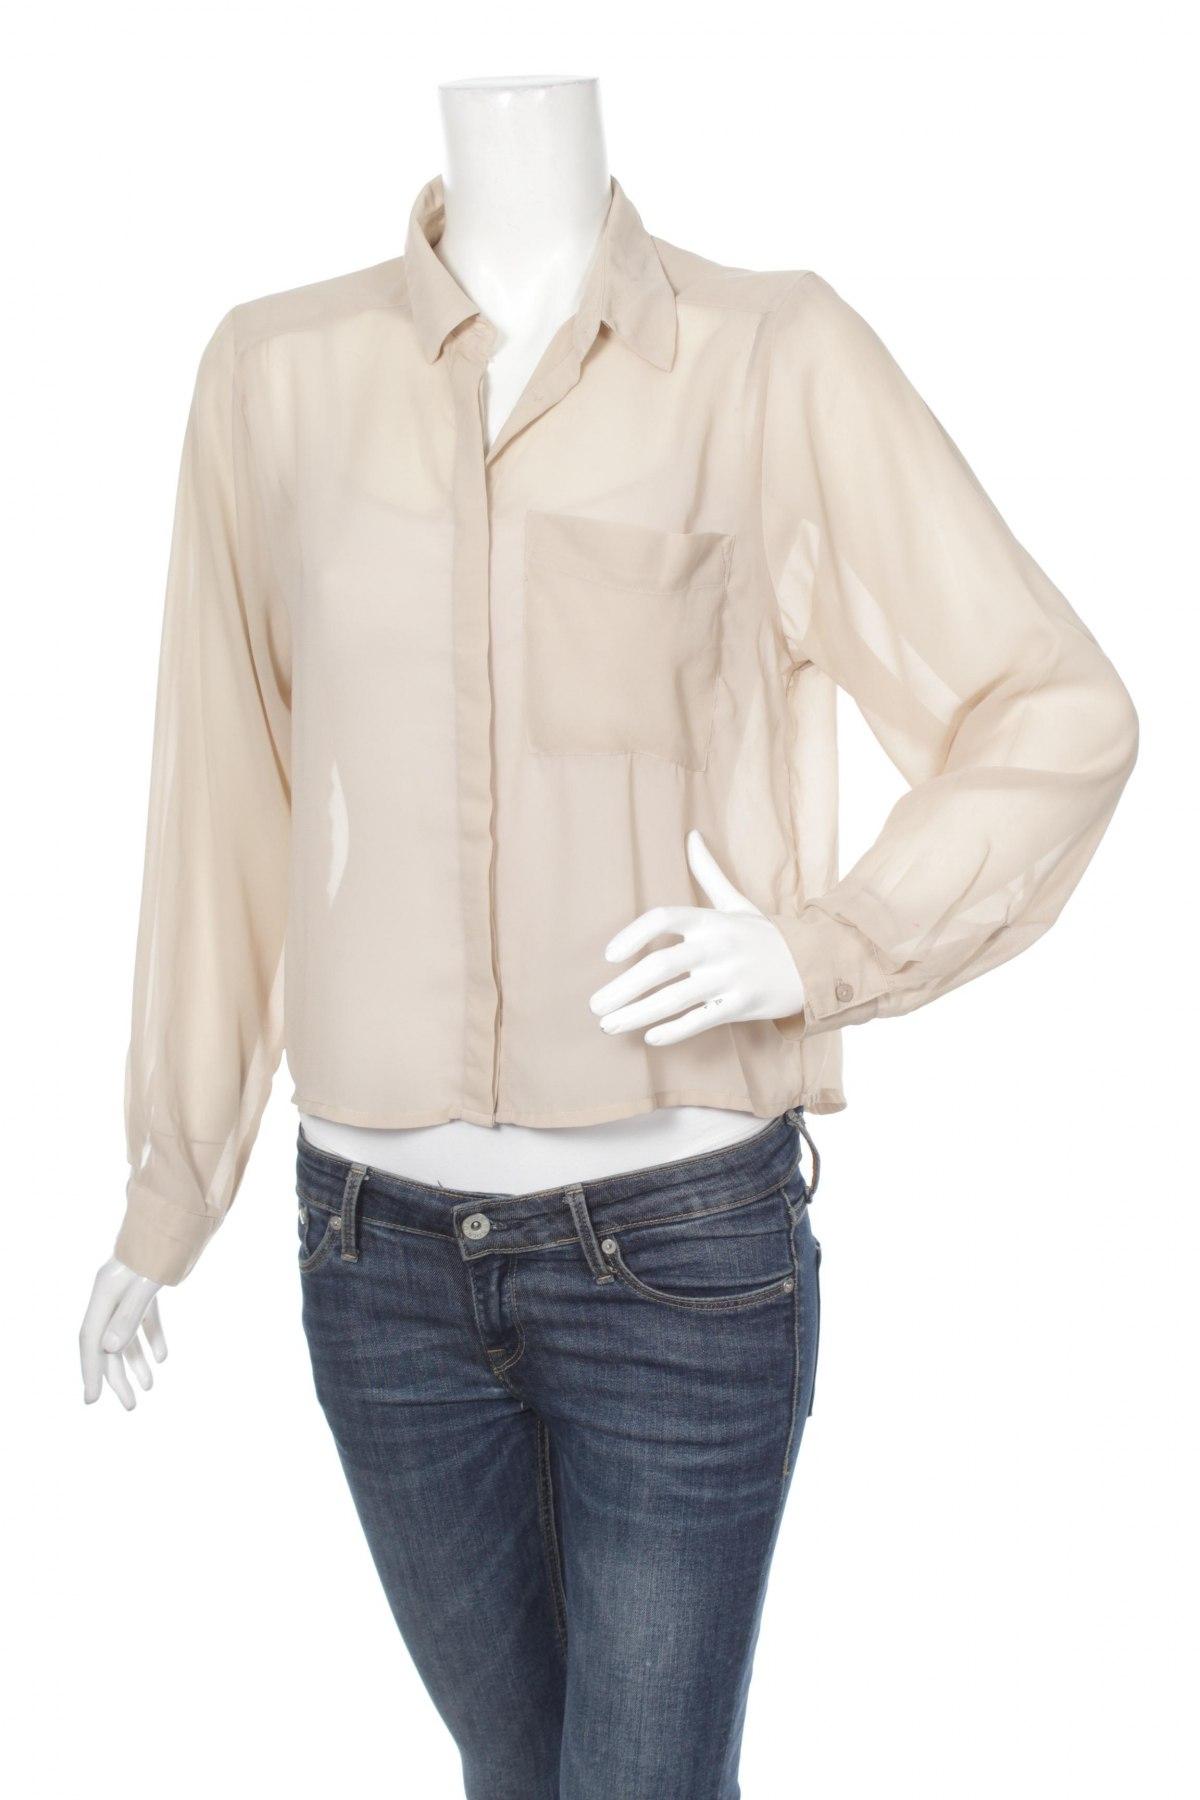 Γυναικείο πουκάμισο H&M, Μέγεθος M, Χρώμα  Μπέζ, 100% πολυεστέρας, Τιμή 15,46€